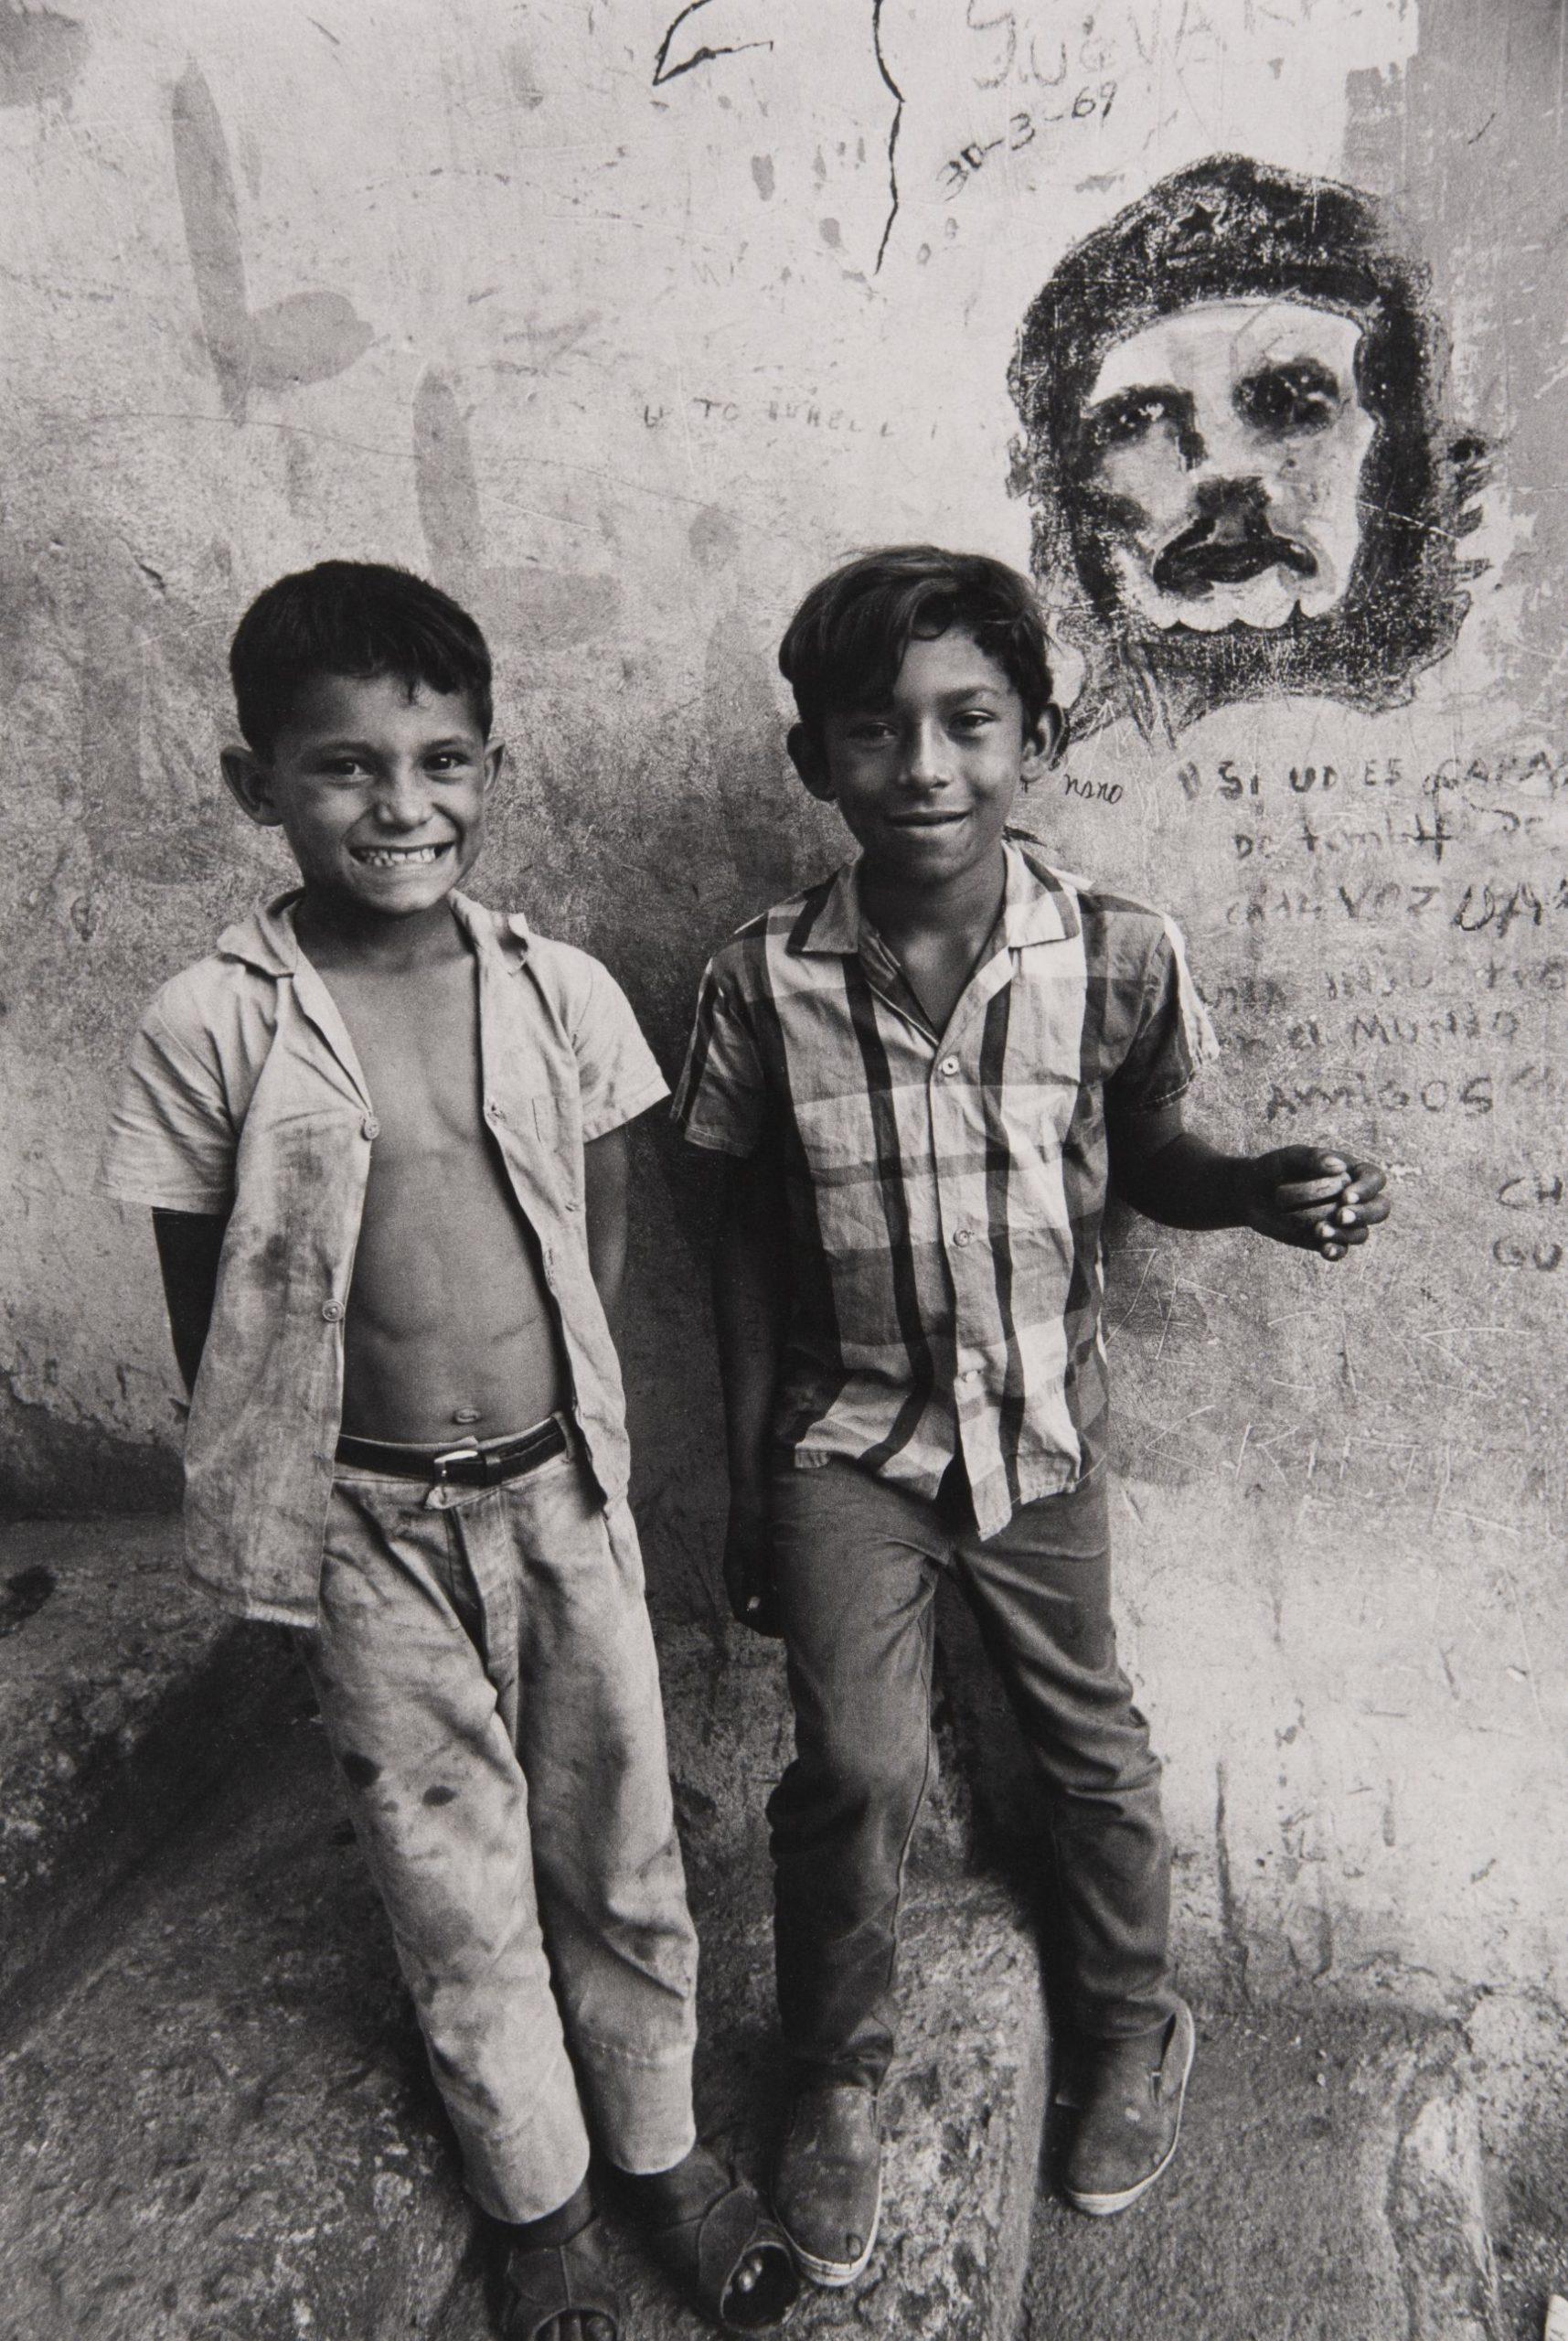 Caracas, Venezuela, 1971